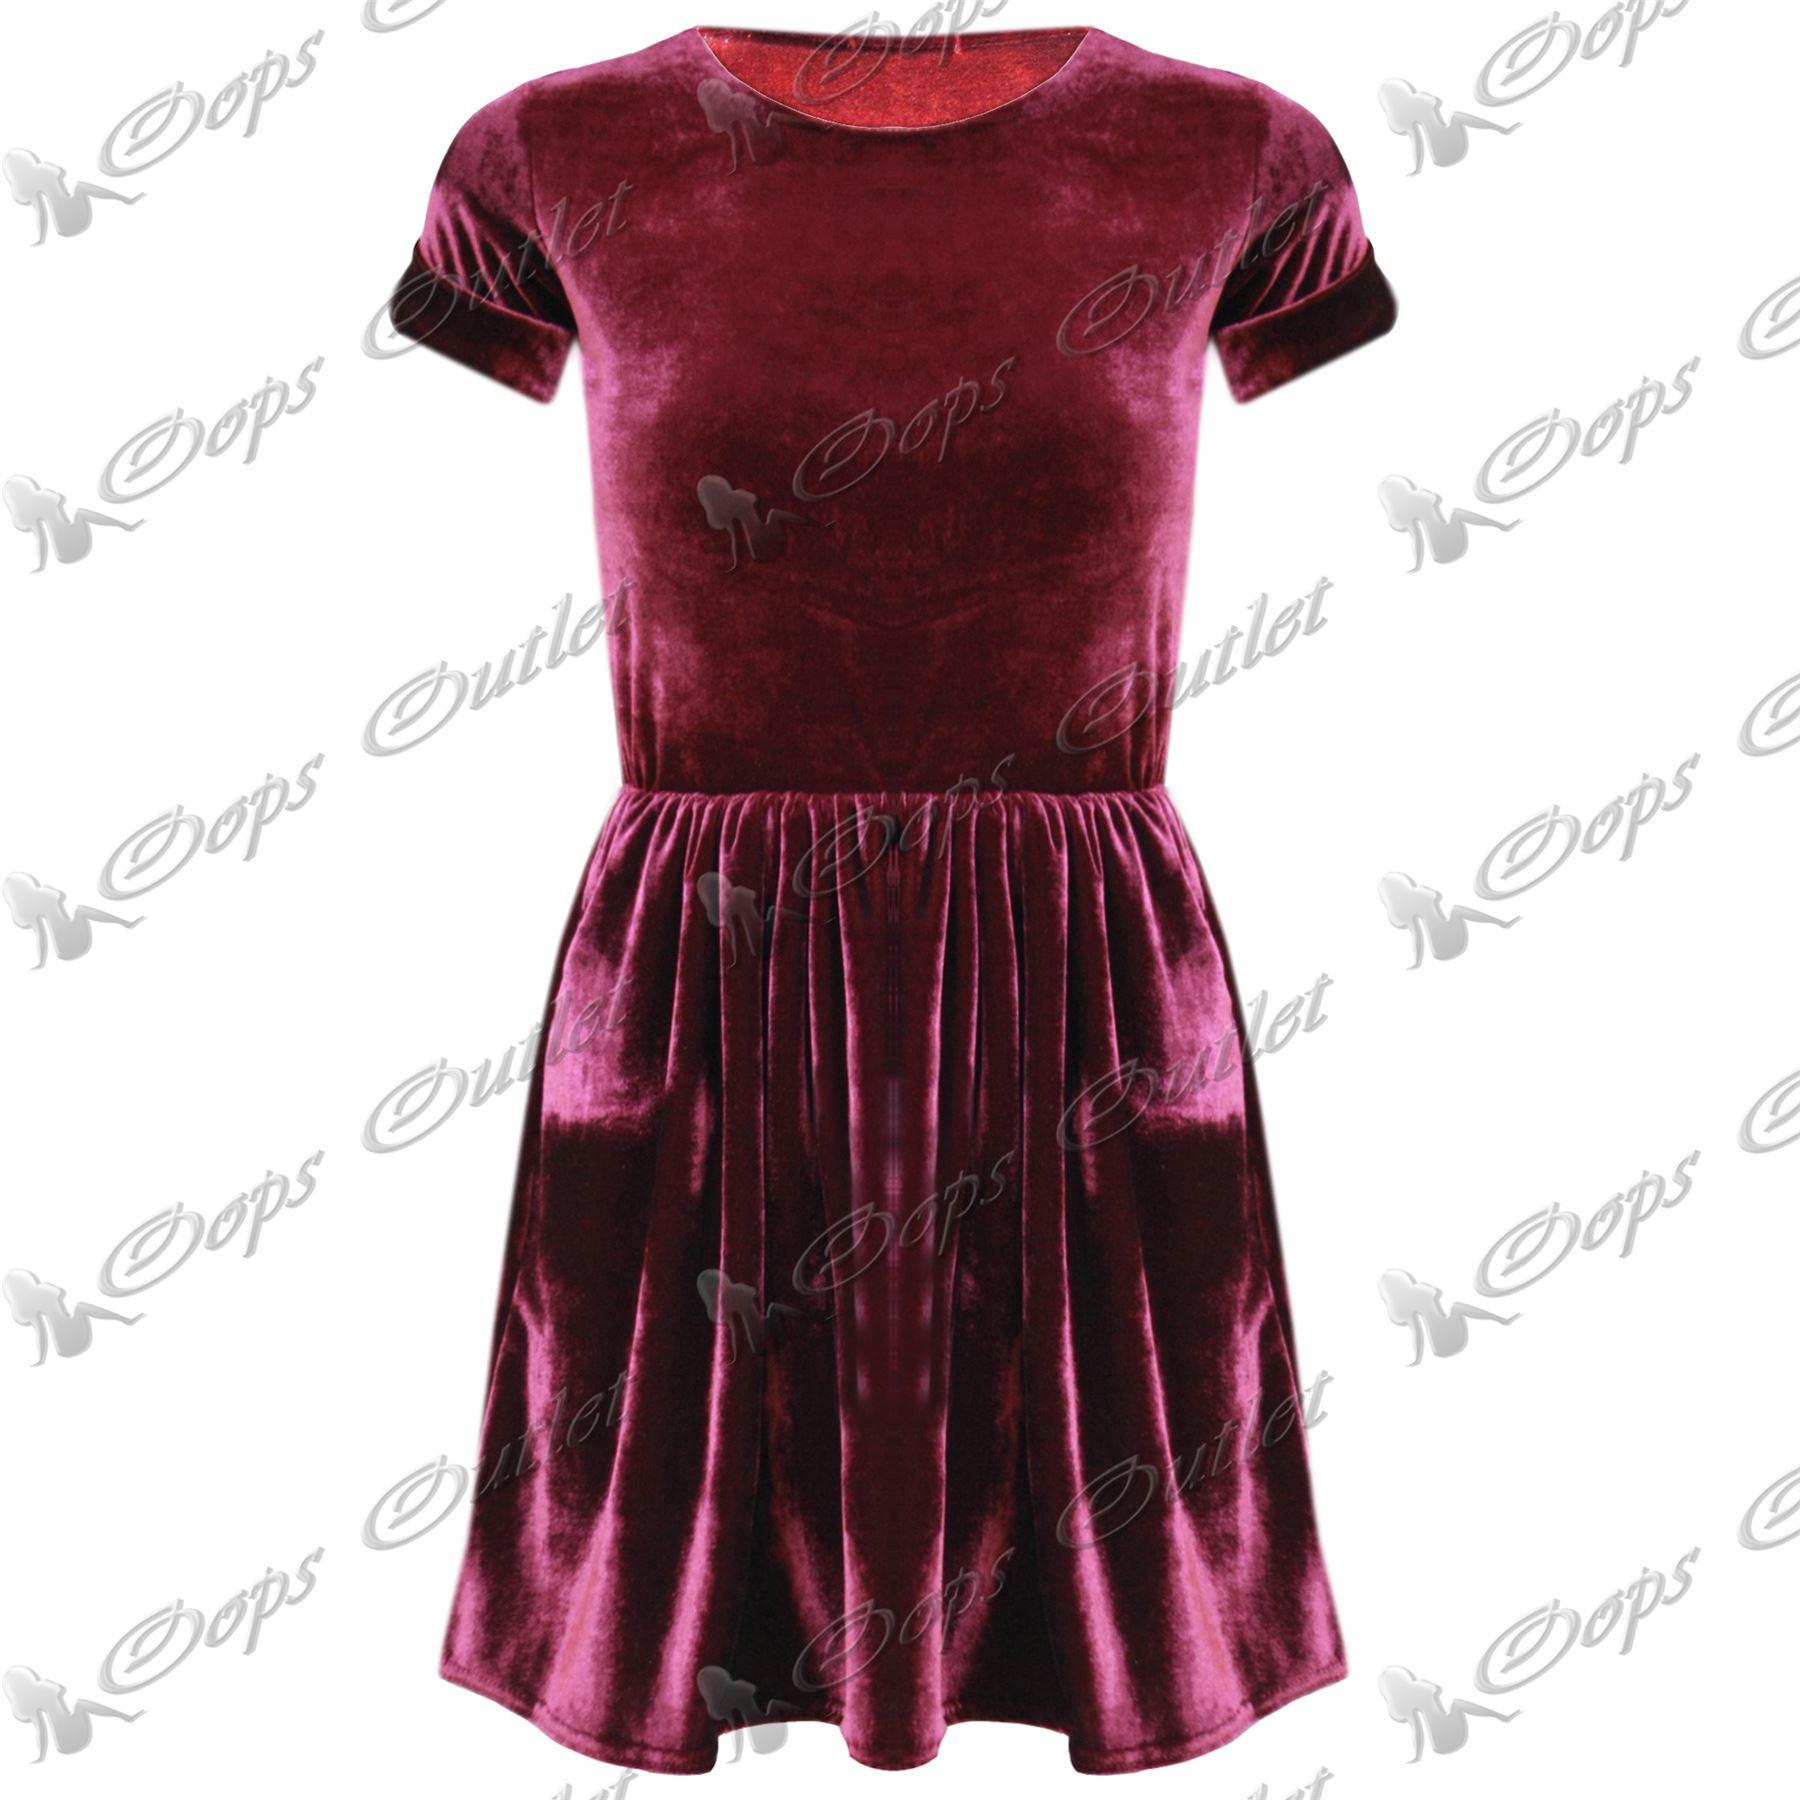 Womens-Velvet-Velour-Skirts-Dresses-Ladies-Cap-Sleeve-Shiny-Long-Sleeve-Tops